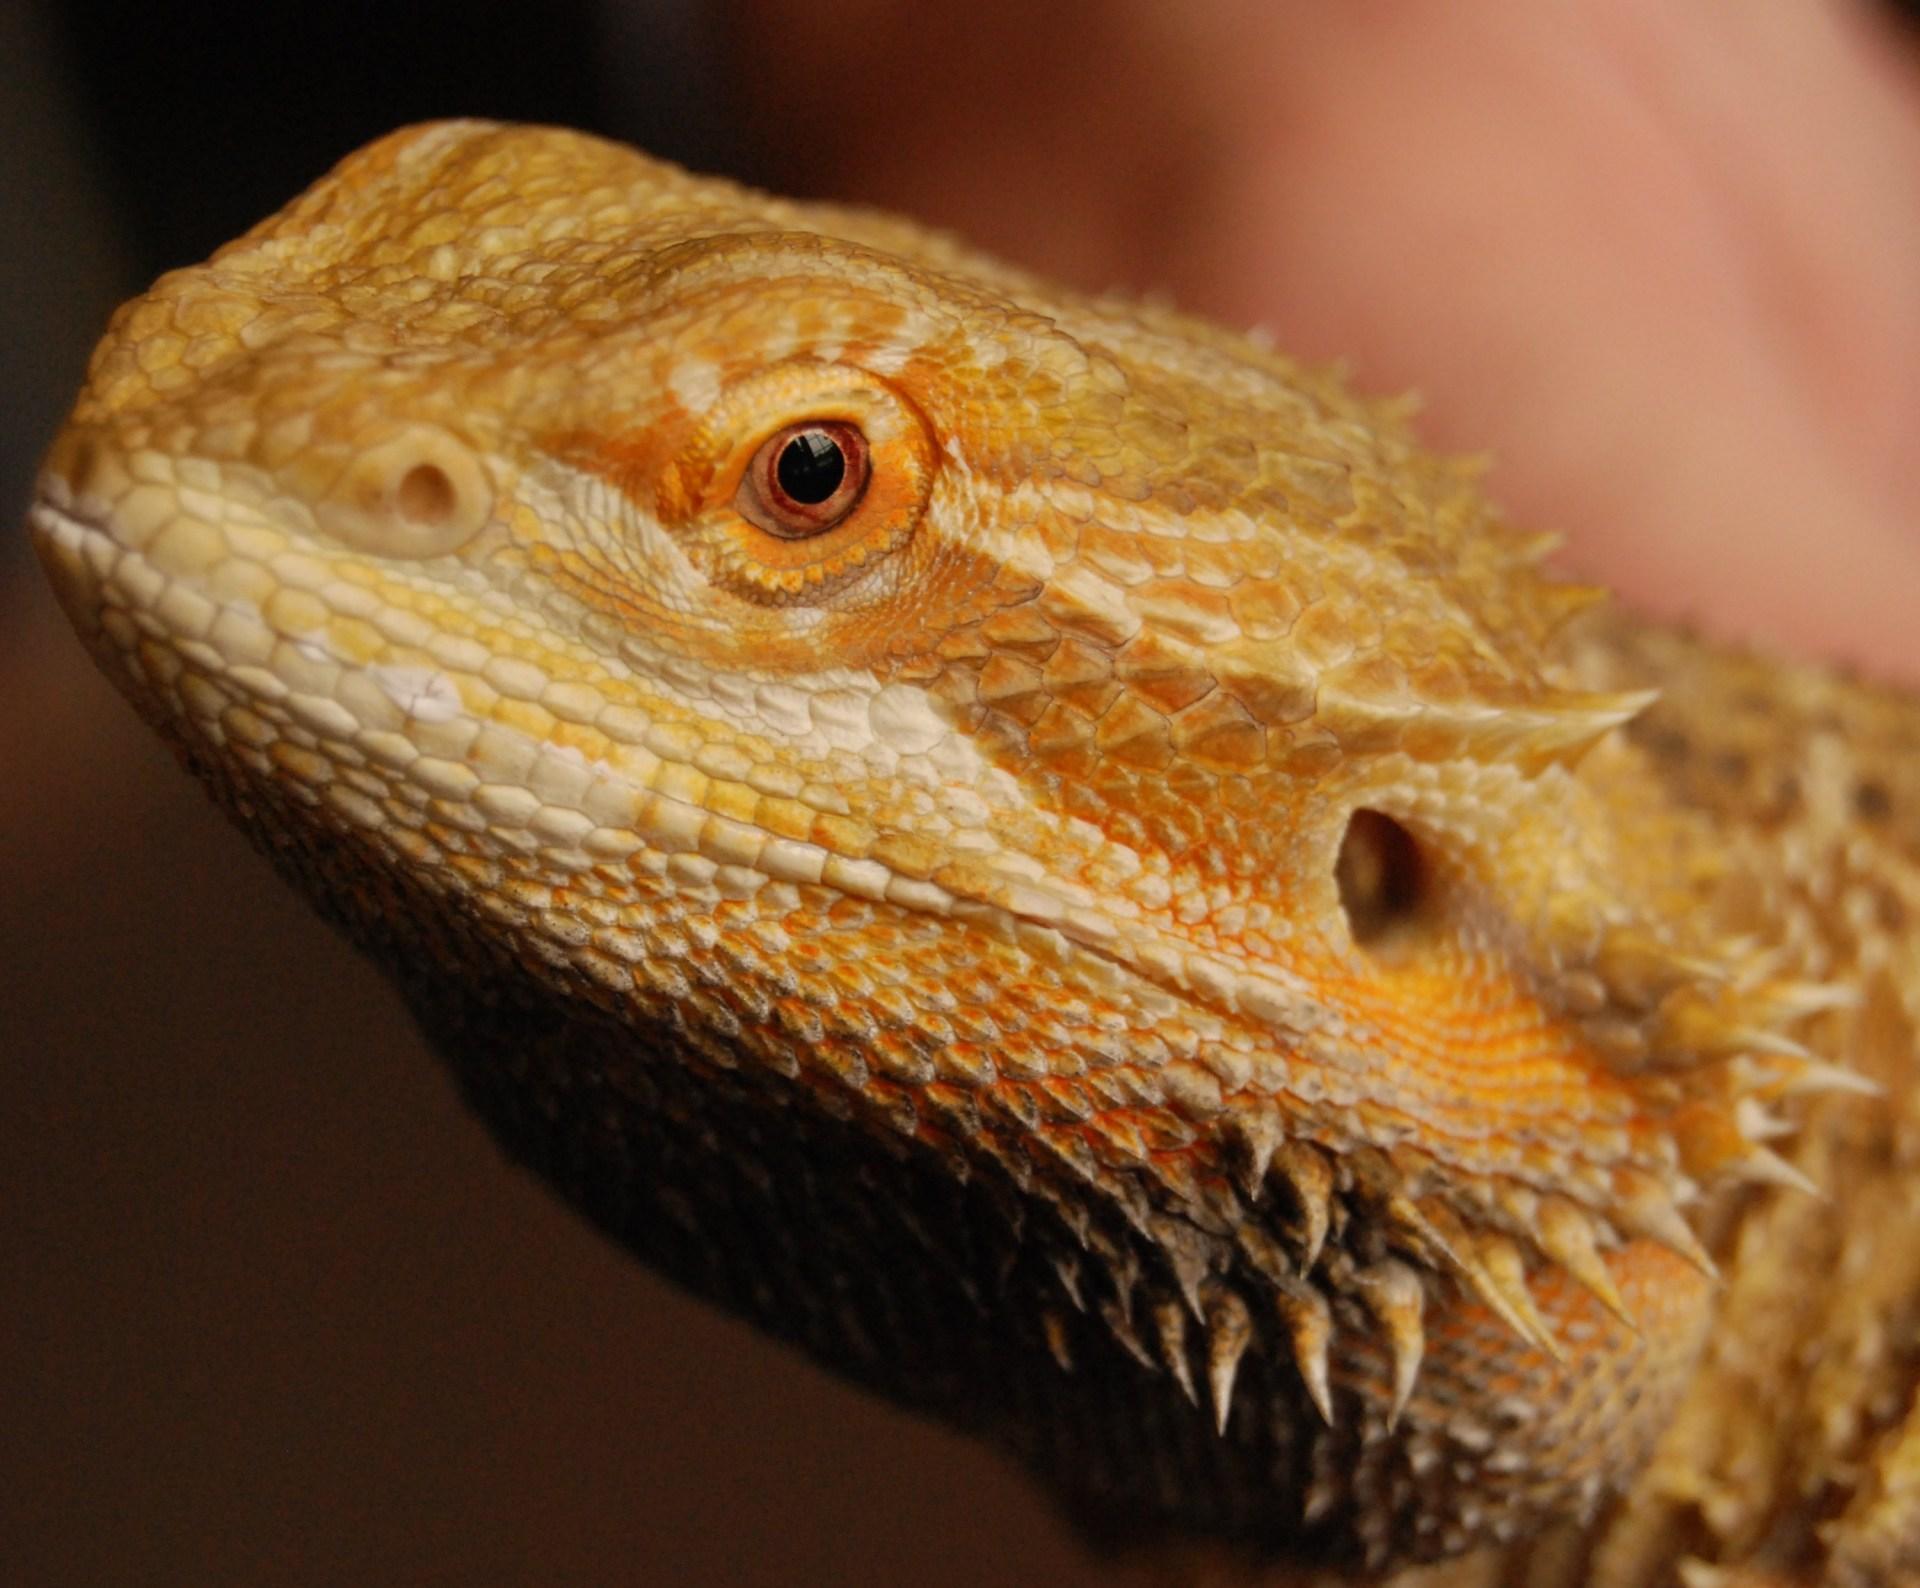 Lizard Care